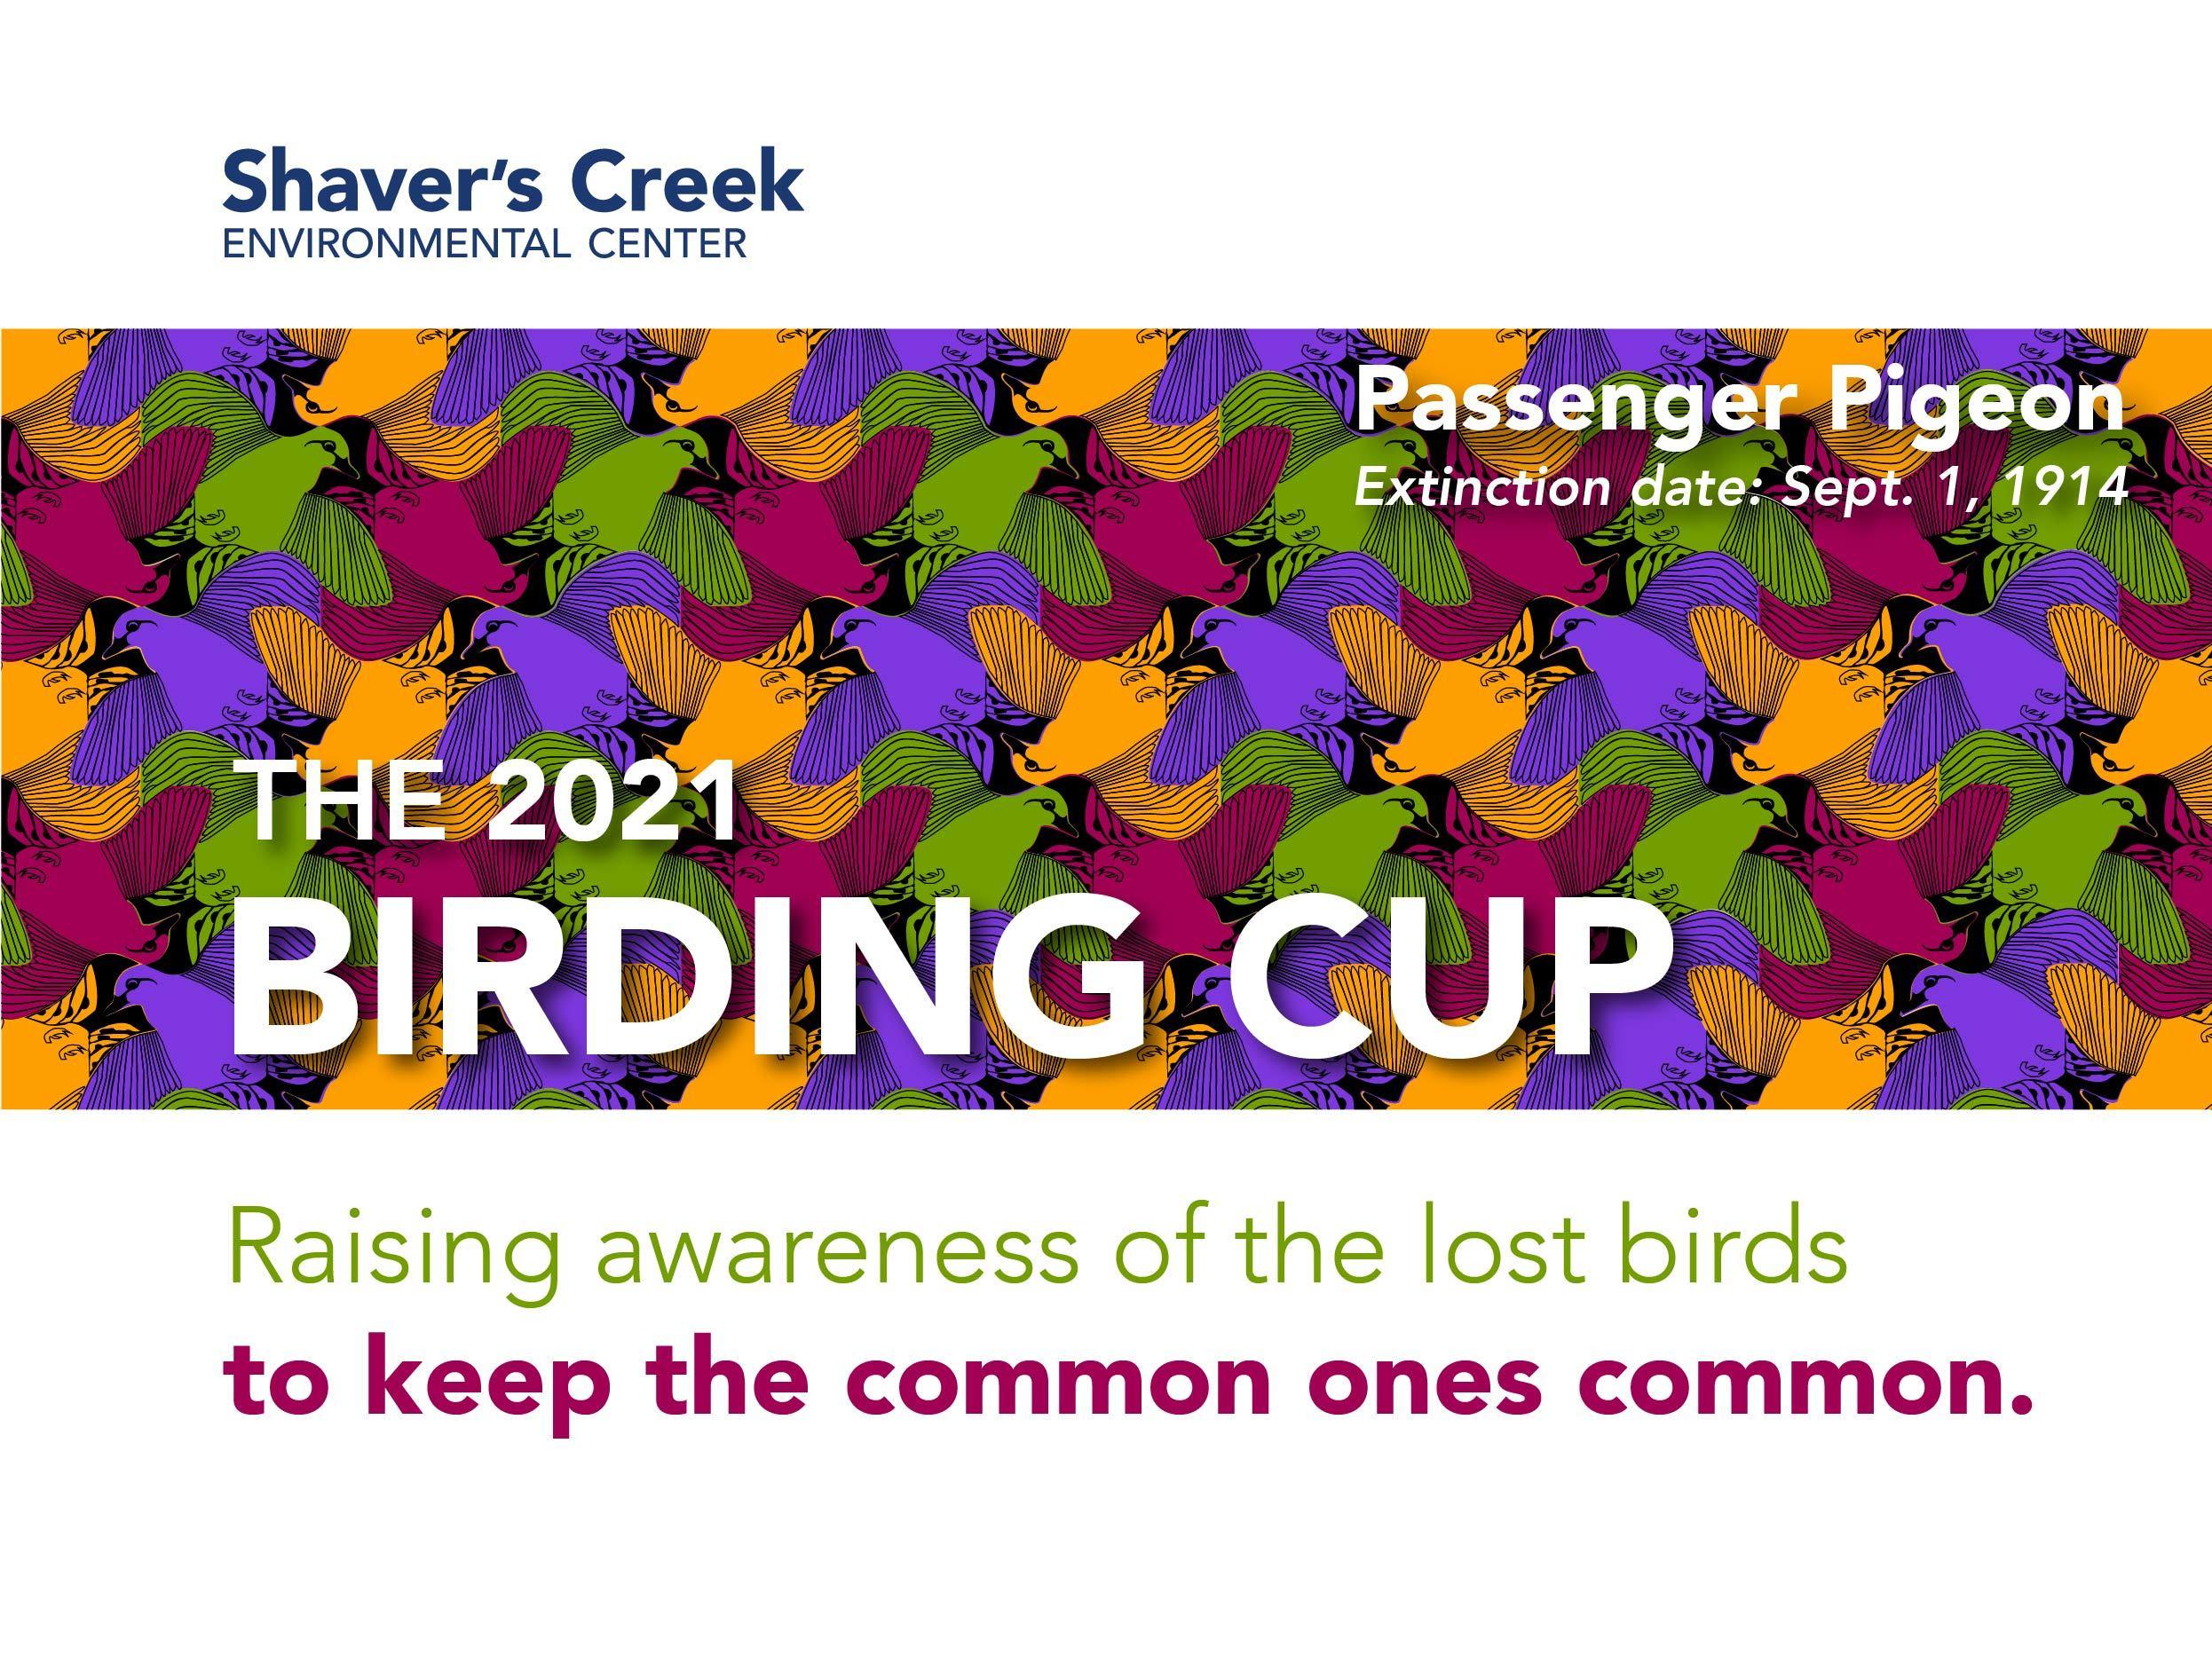 2021birdingcup mobilecausebanner